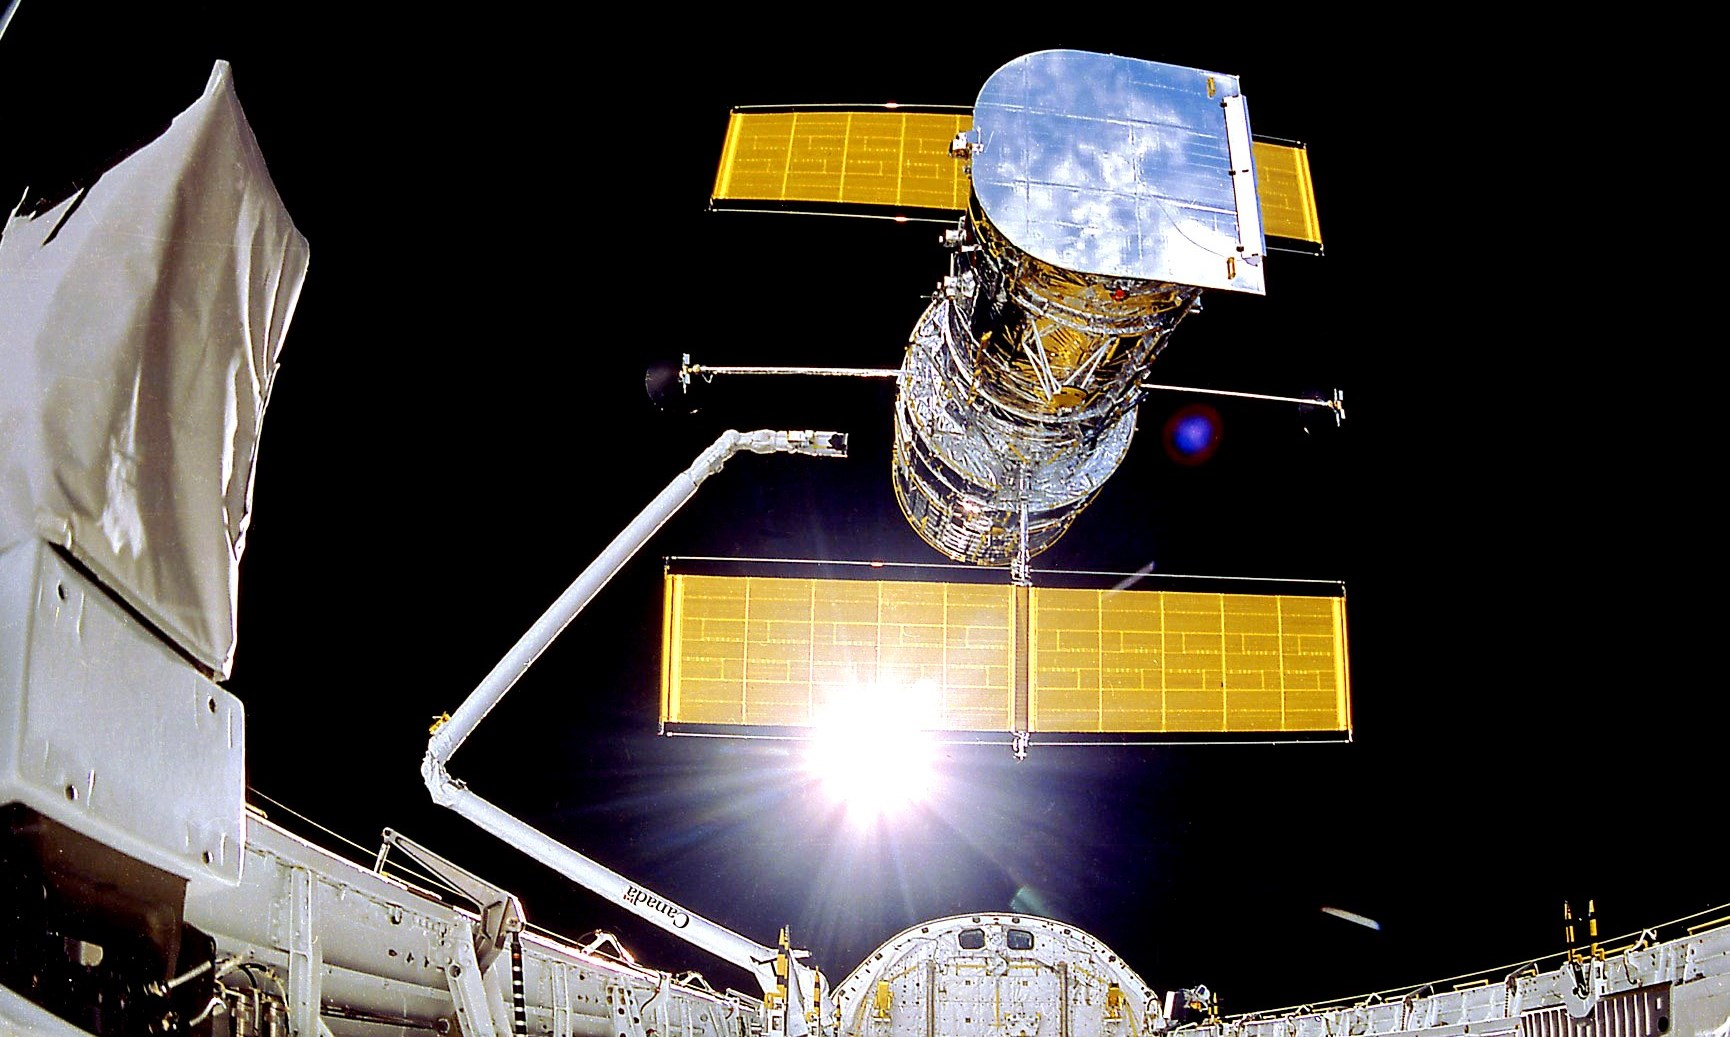 Obrázek: NASA má vážné problémy s Hubbleovým teleskopem, závadu se nedaří odstranit